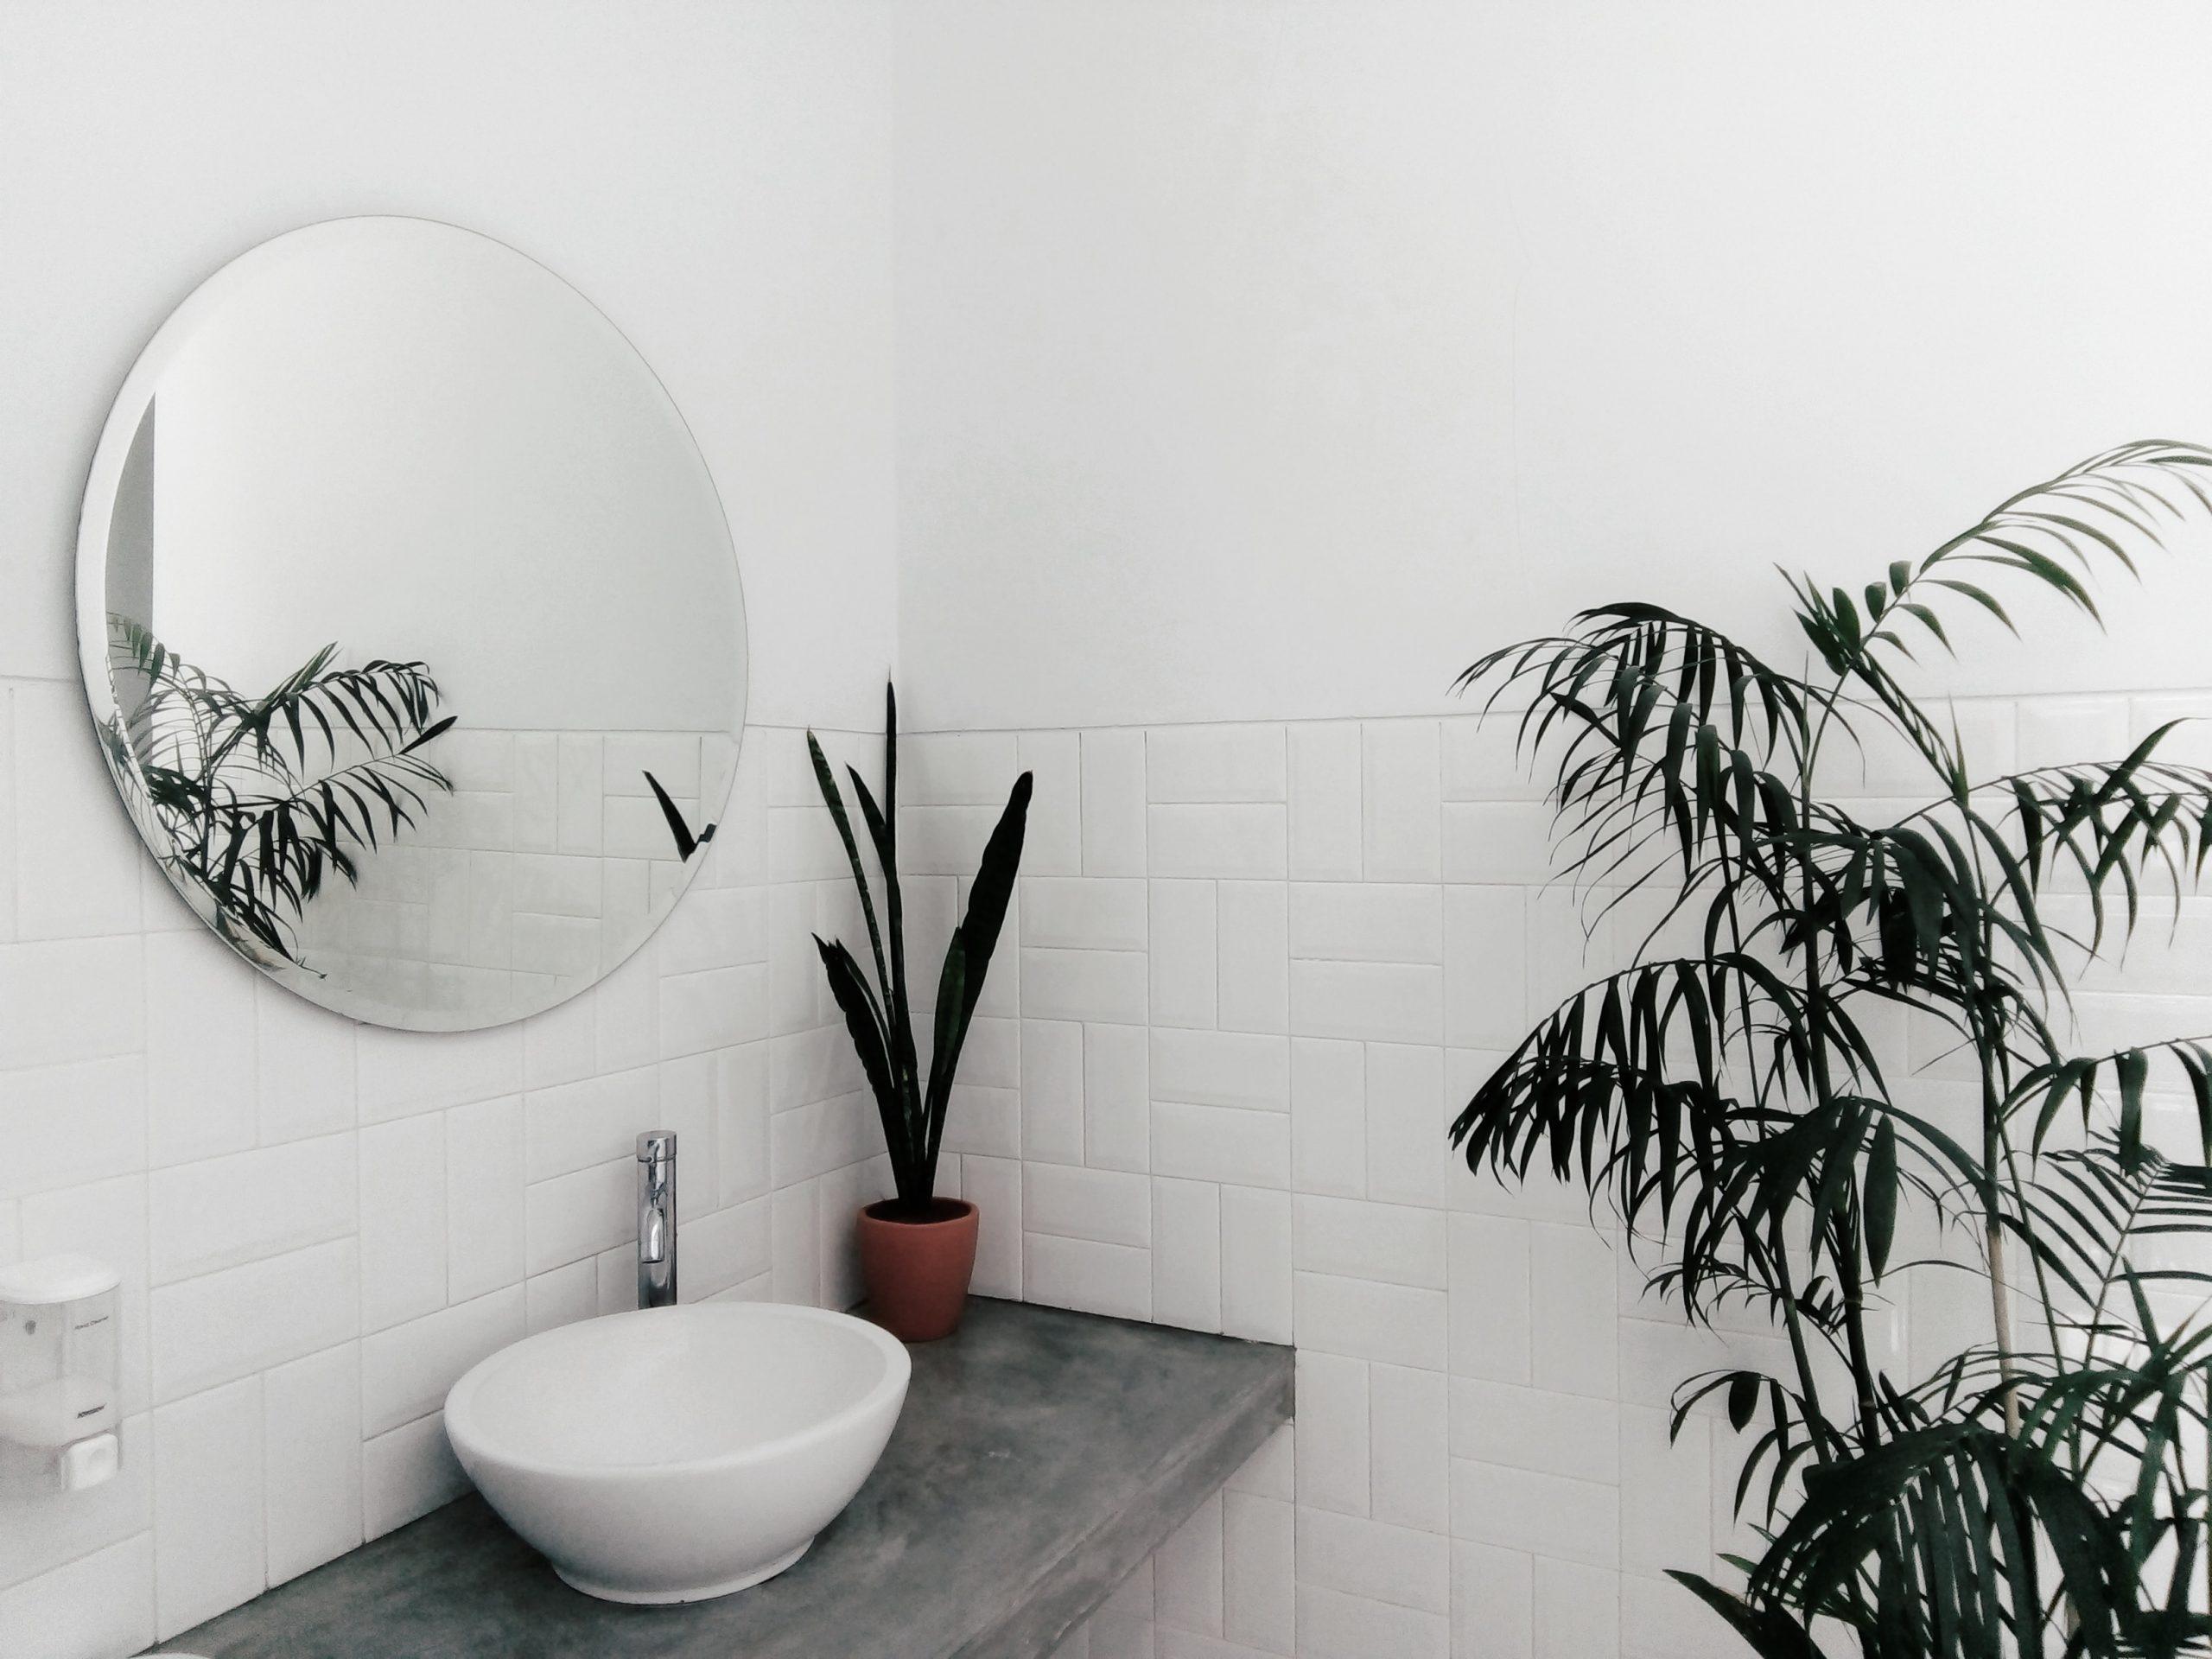 Full Size of Bodenfliesen Streichen Fliesen Neugestaltung Des Badezimmers Wohnklamotte Bad Küche Wohnzimmer Bodenfliesen Streichen